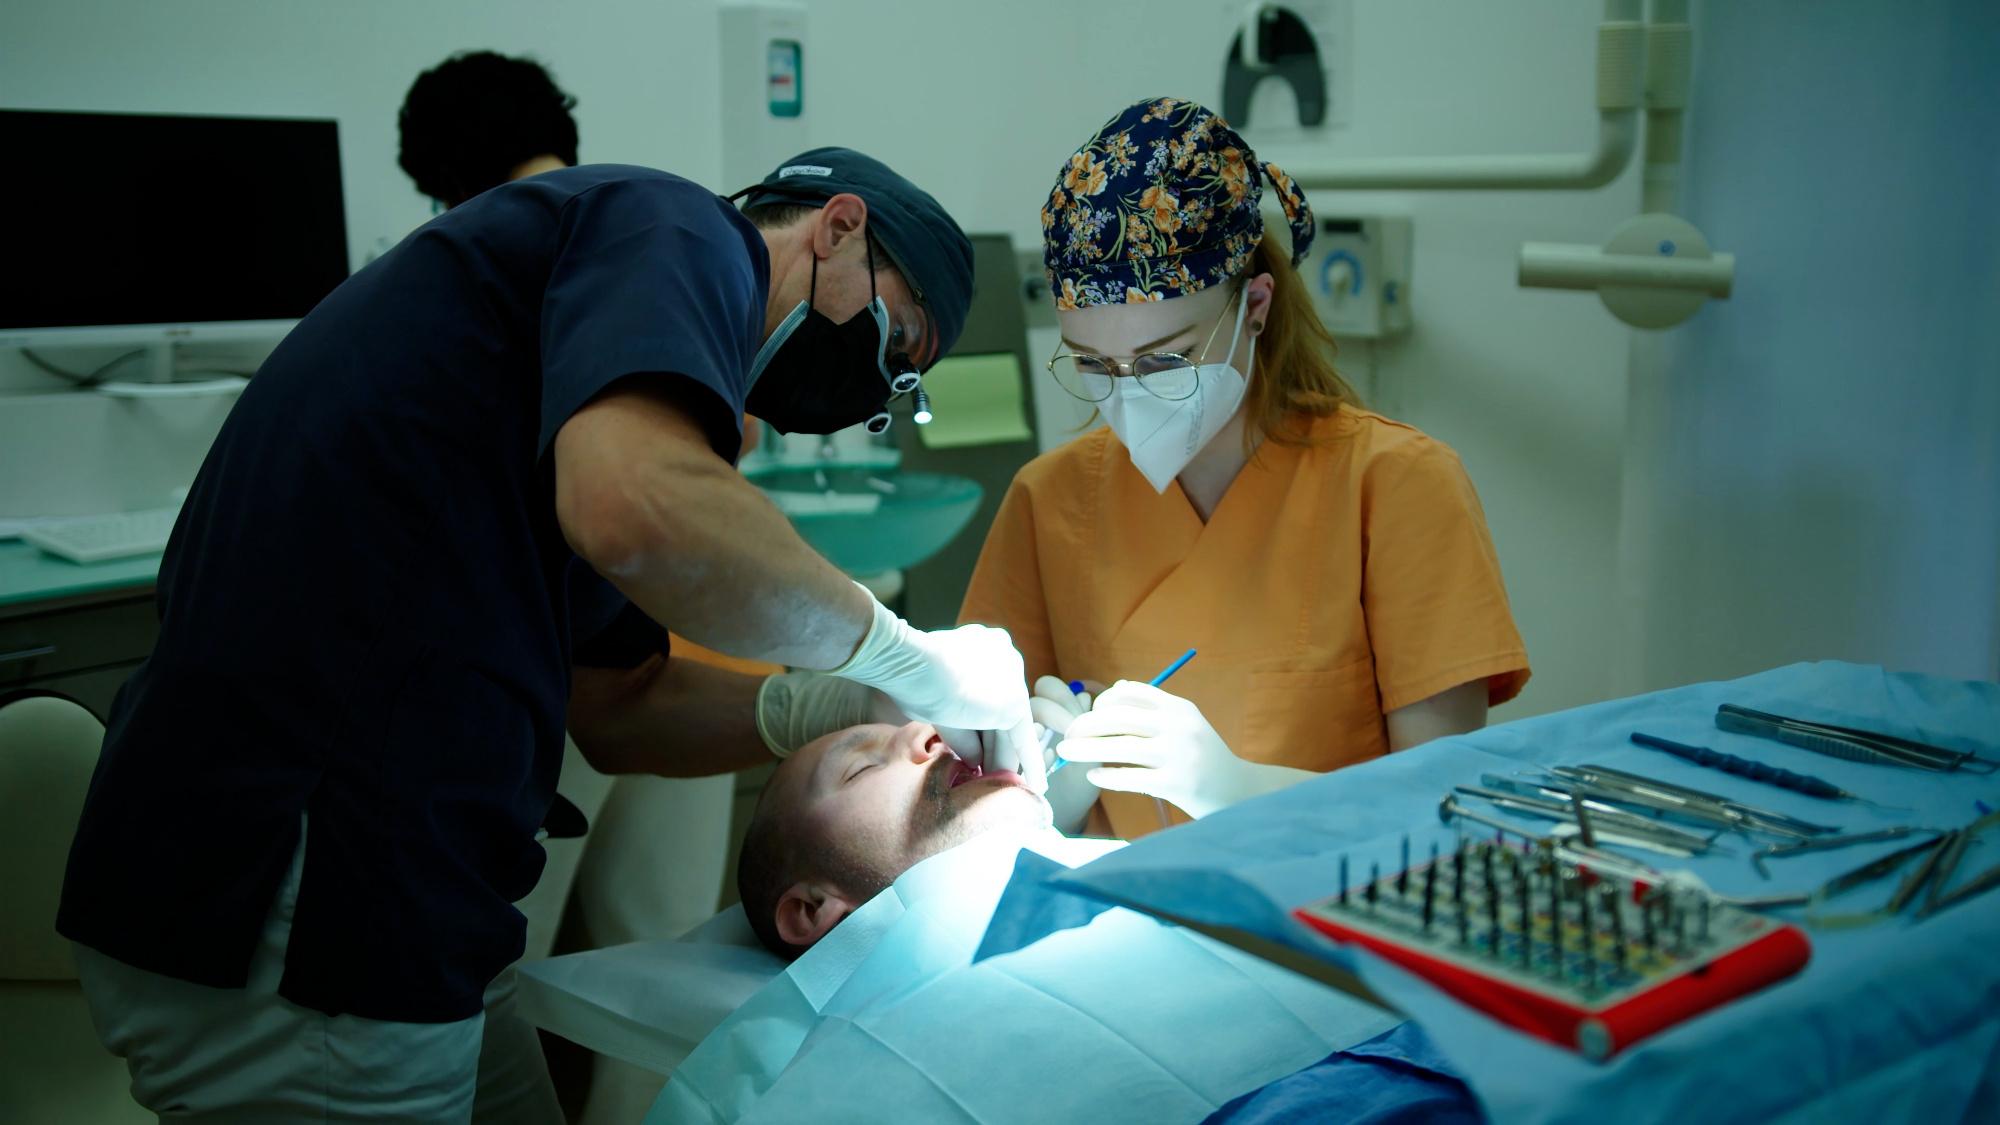 Inserimento di un impianto dentale sotto autoipnosi: «È stato facile spegnere il dolore»